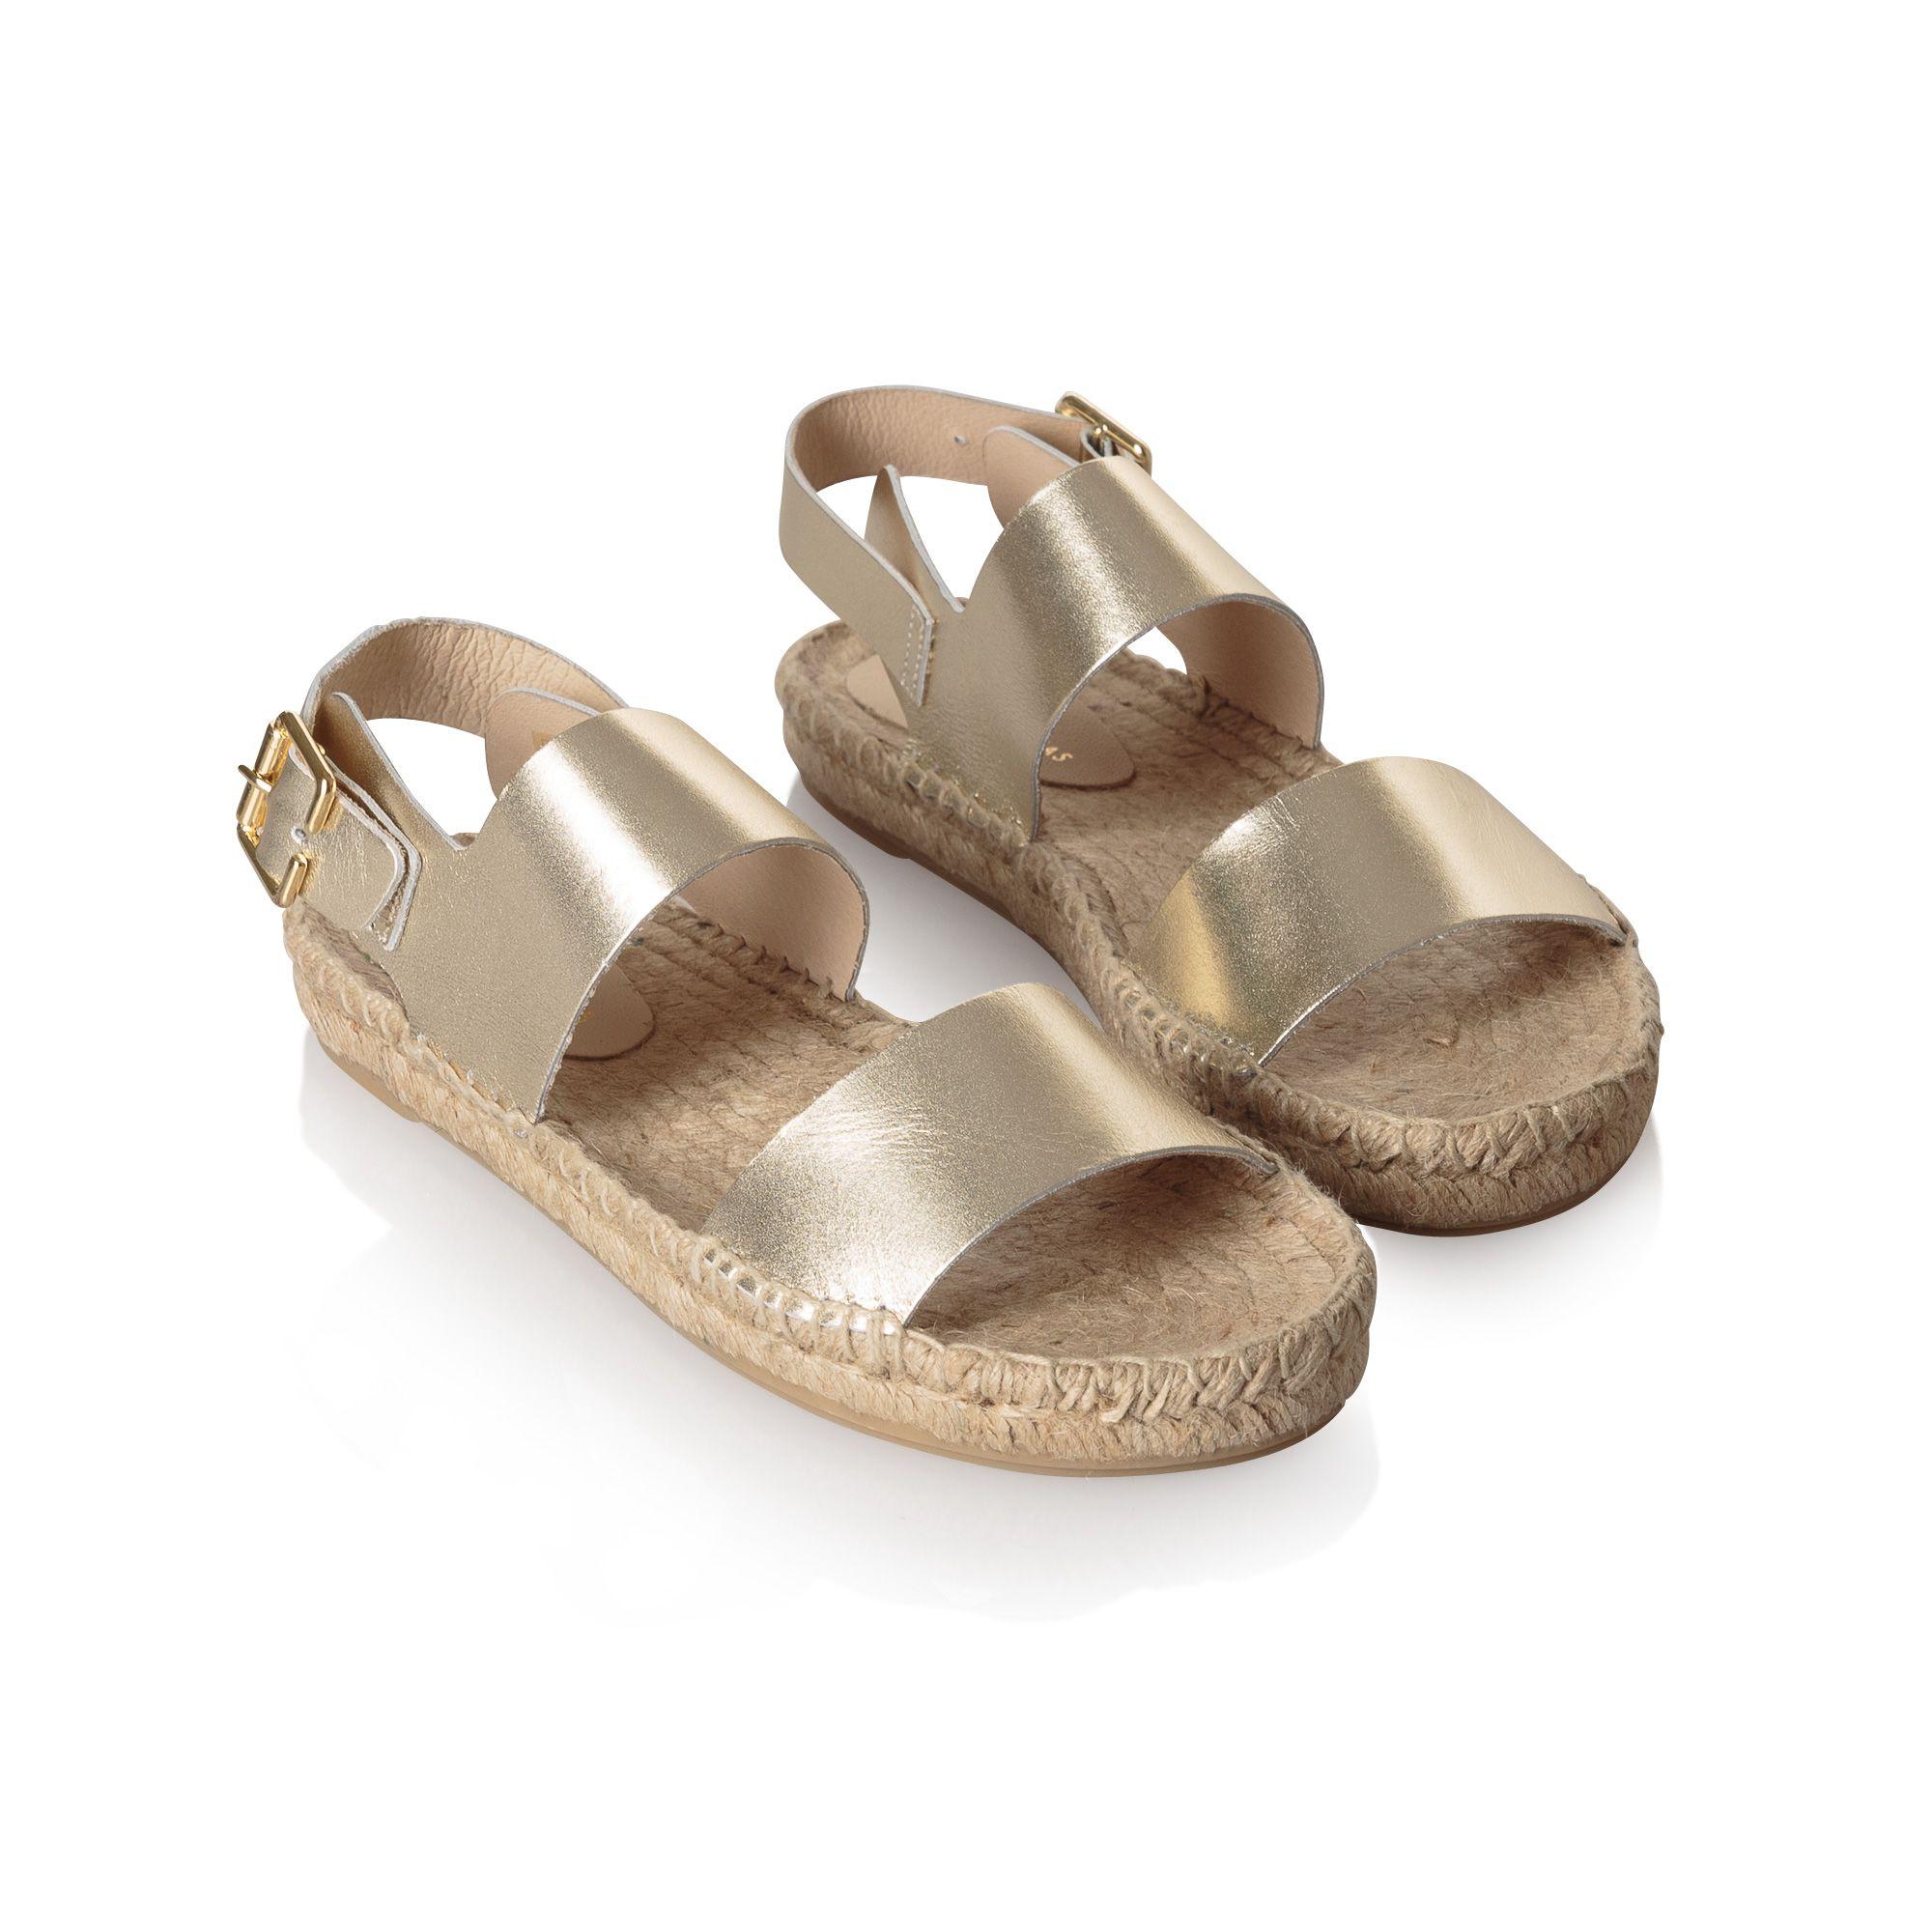 8762da348d Glisten Gold Metallic Leather Strap Sandals | Shoes, boots, sandals ...